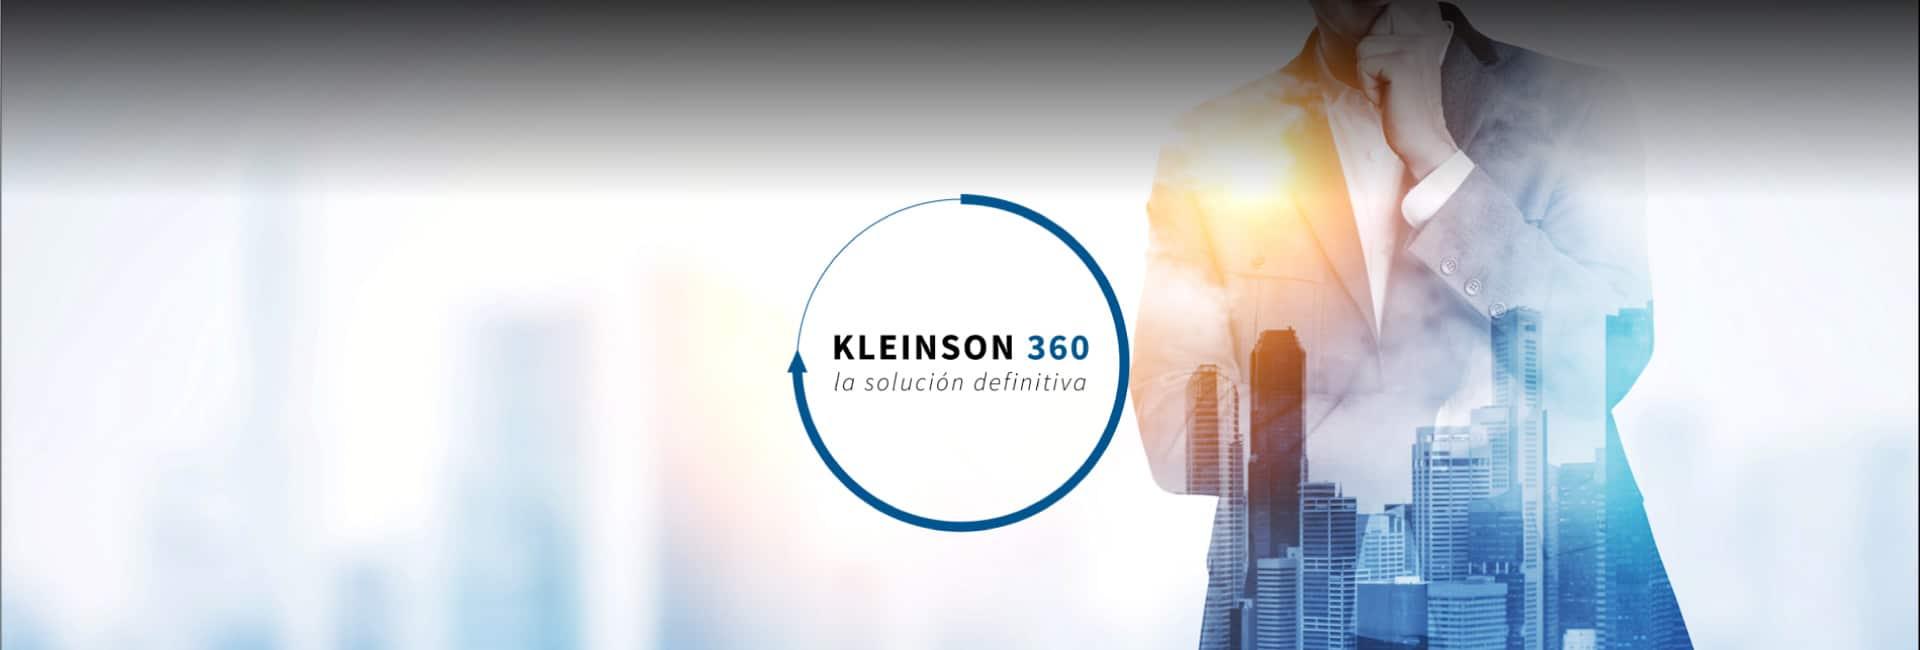 Kleinson360-banner